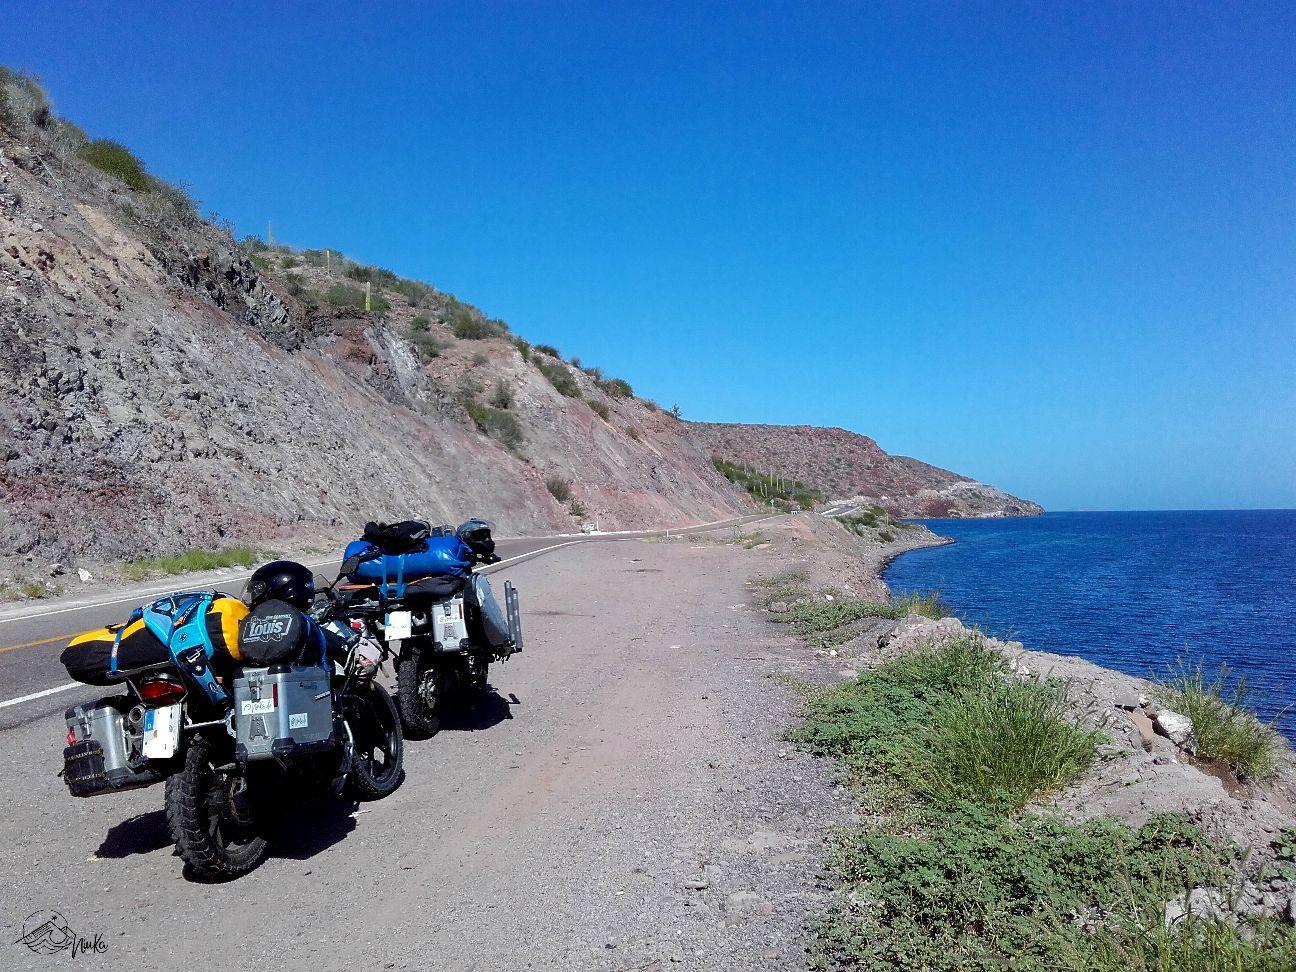 Fahrt entlang der Küstenstraße nach Mulegé